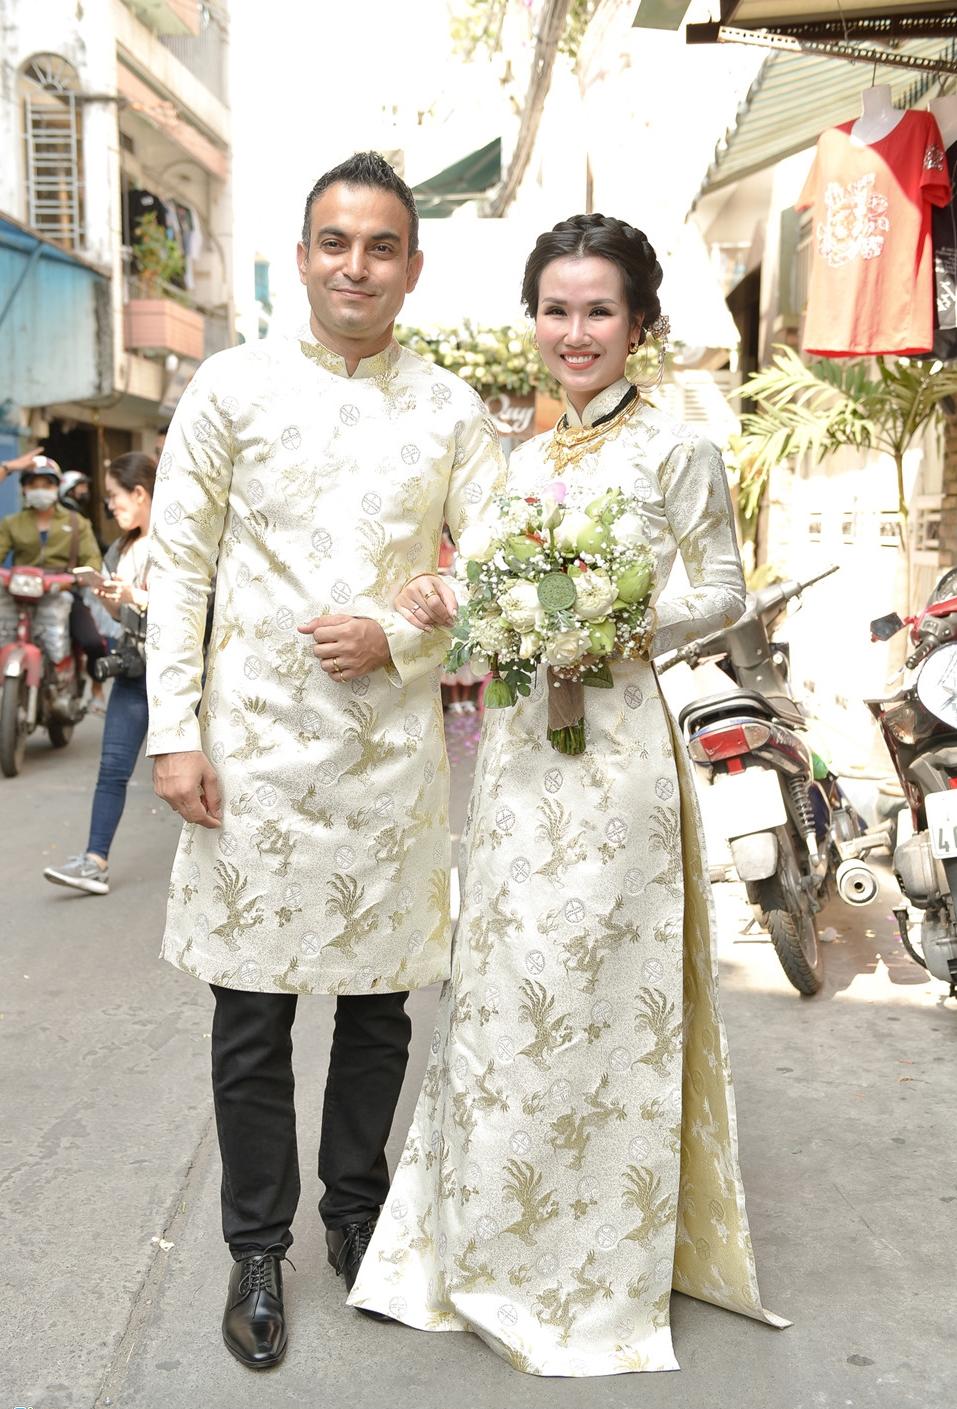 'Lóa mắt' nhìn Võ Hạ Trâm đeo vàng nặng trĩu trong hôn lễ cùng chồng doanh nhân Ấn Độ - Ảnh 12